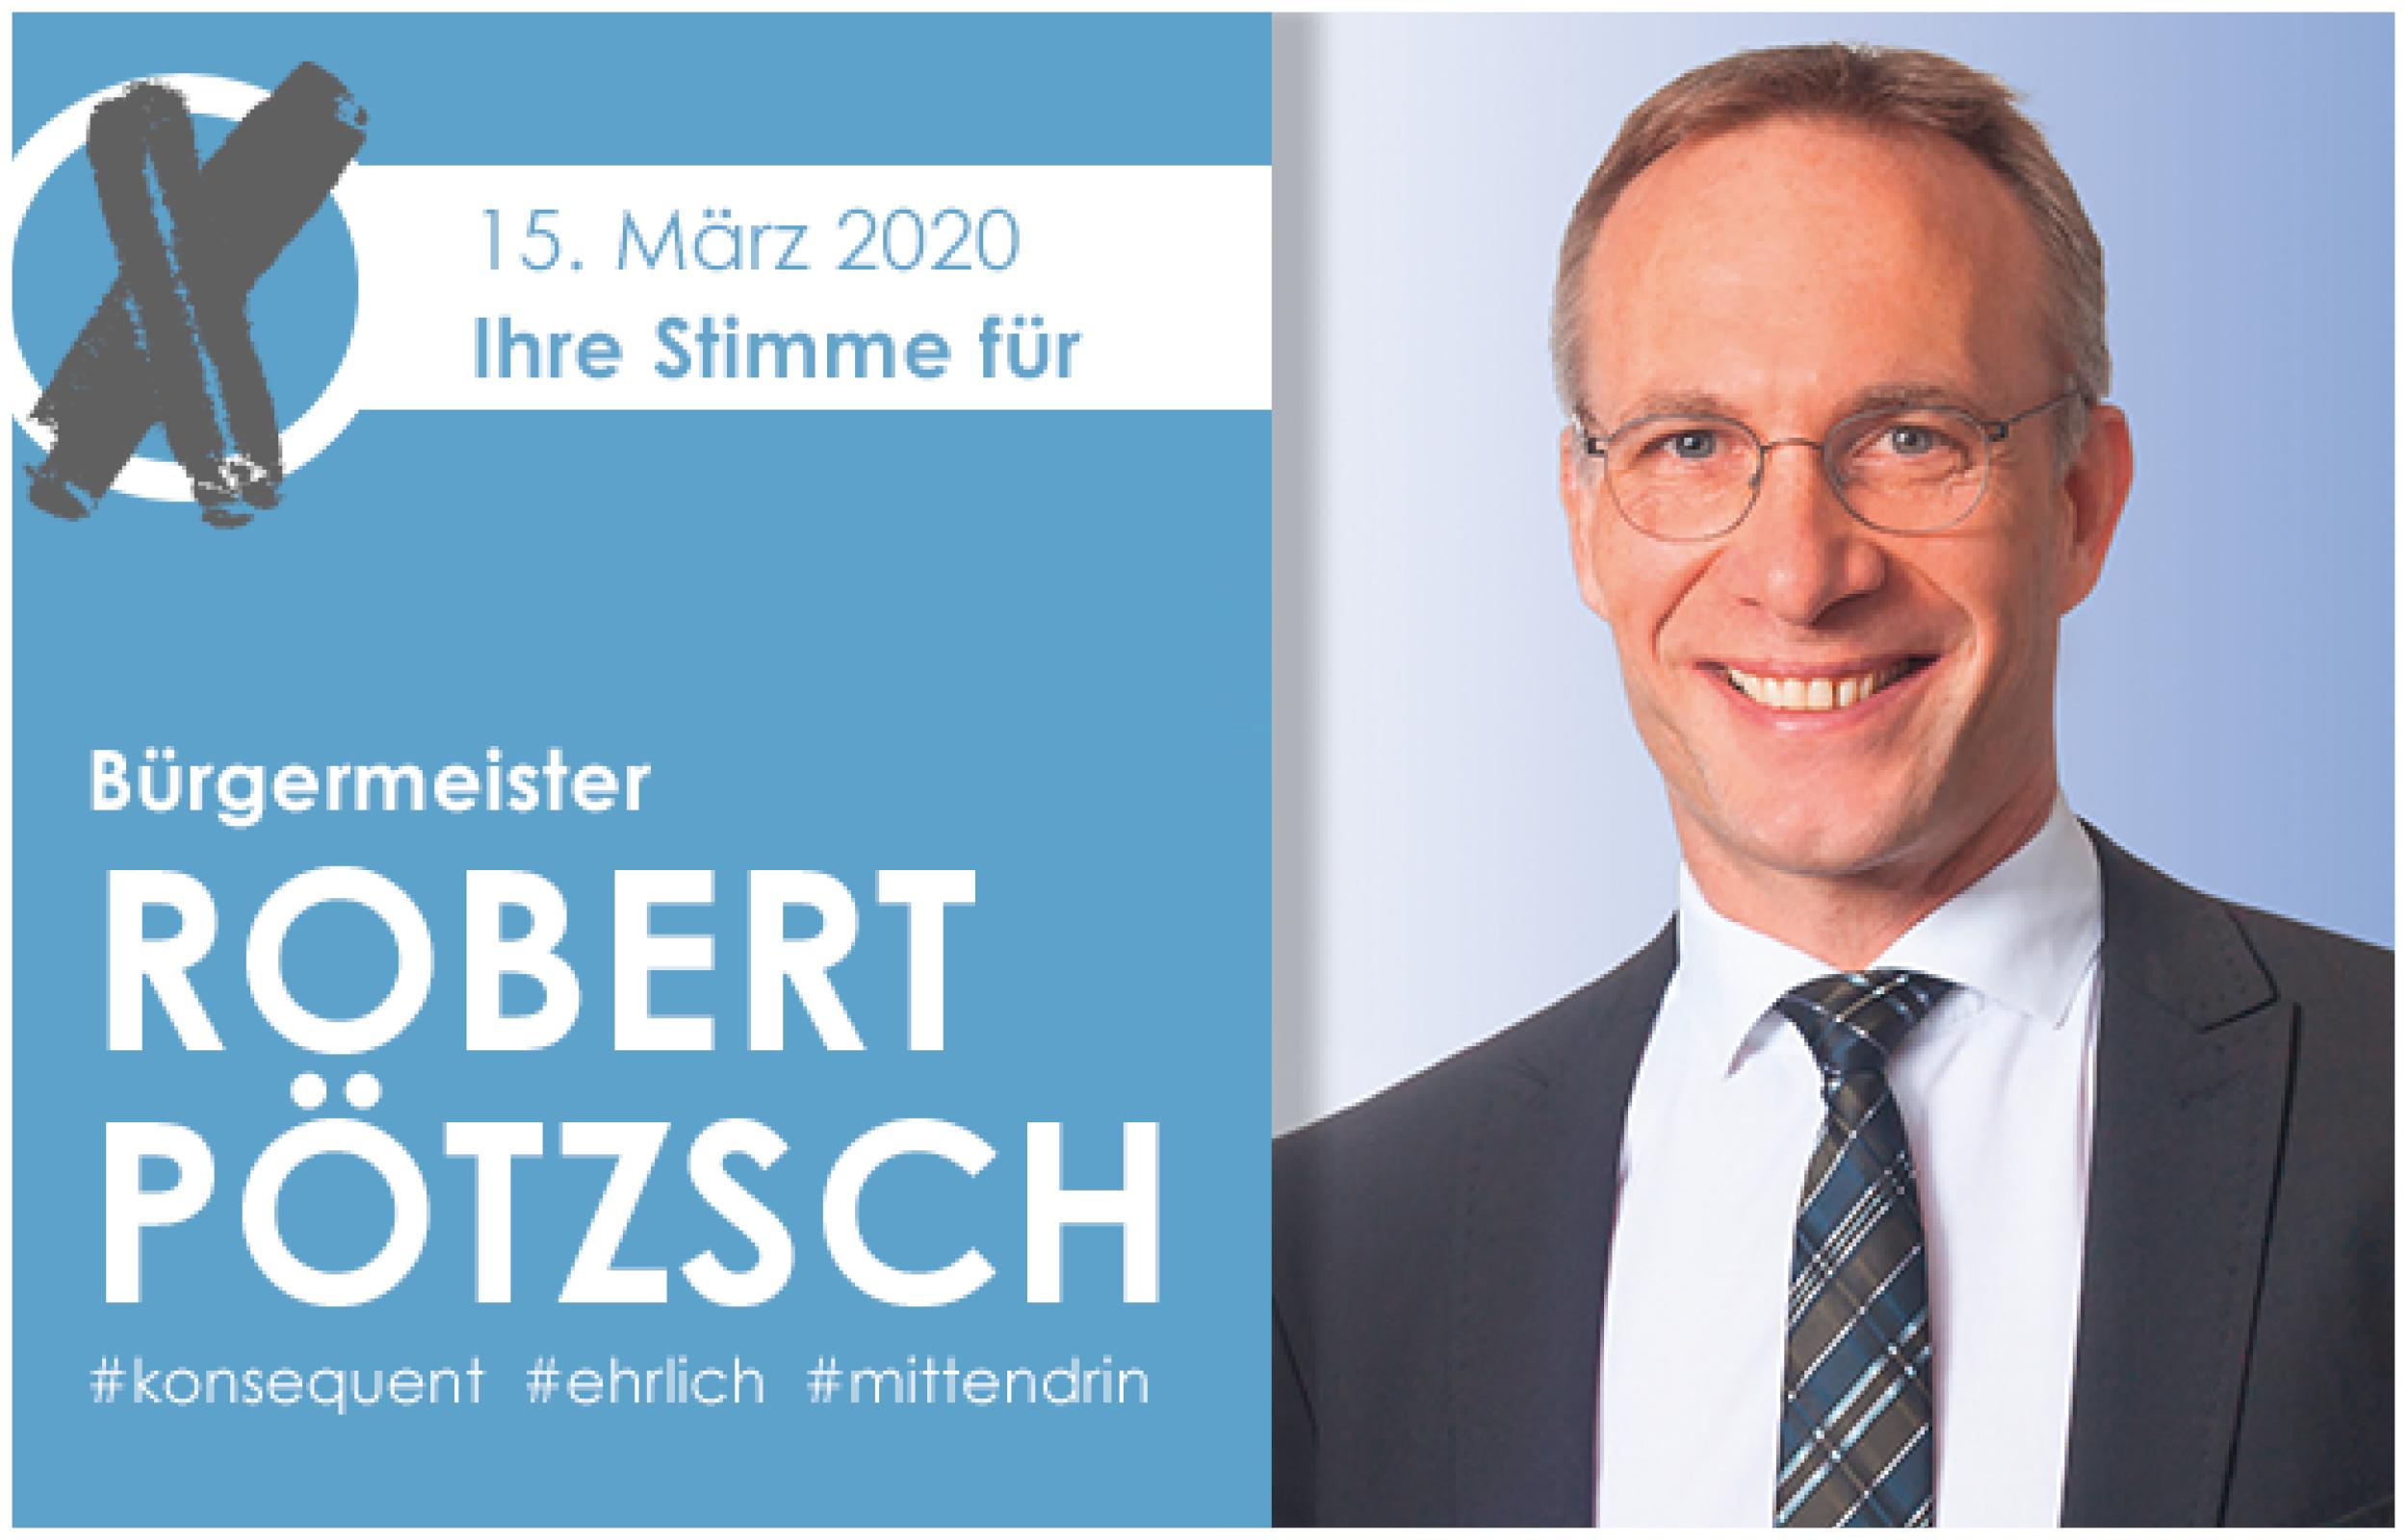 Bürgermeister Robert Pötzsch